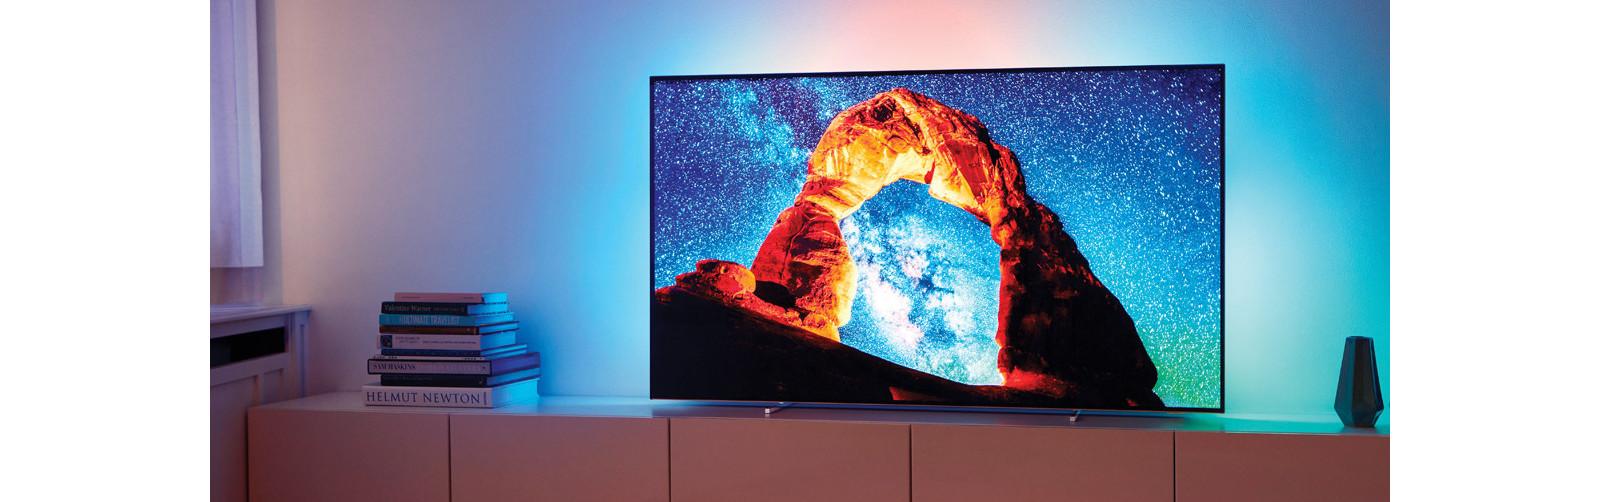 Philips Fernseher | Medimax